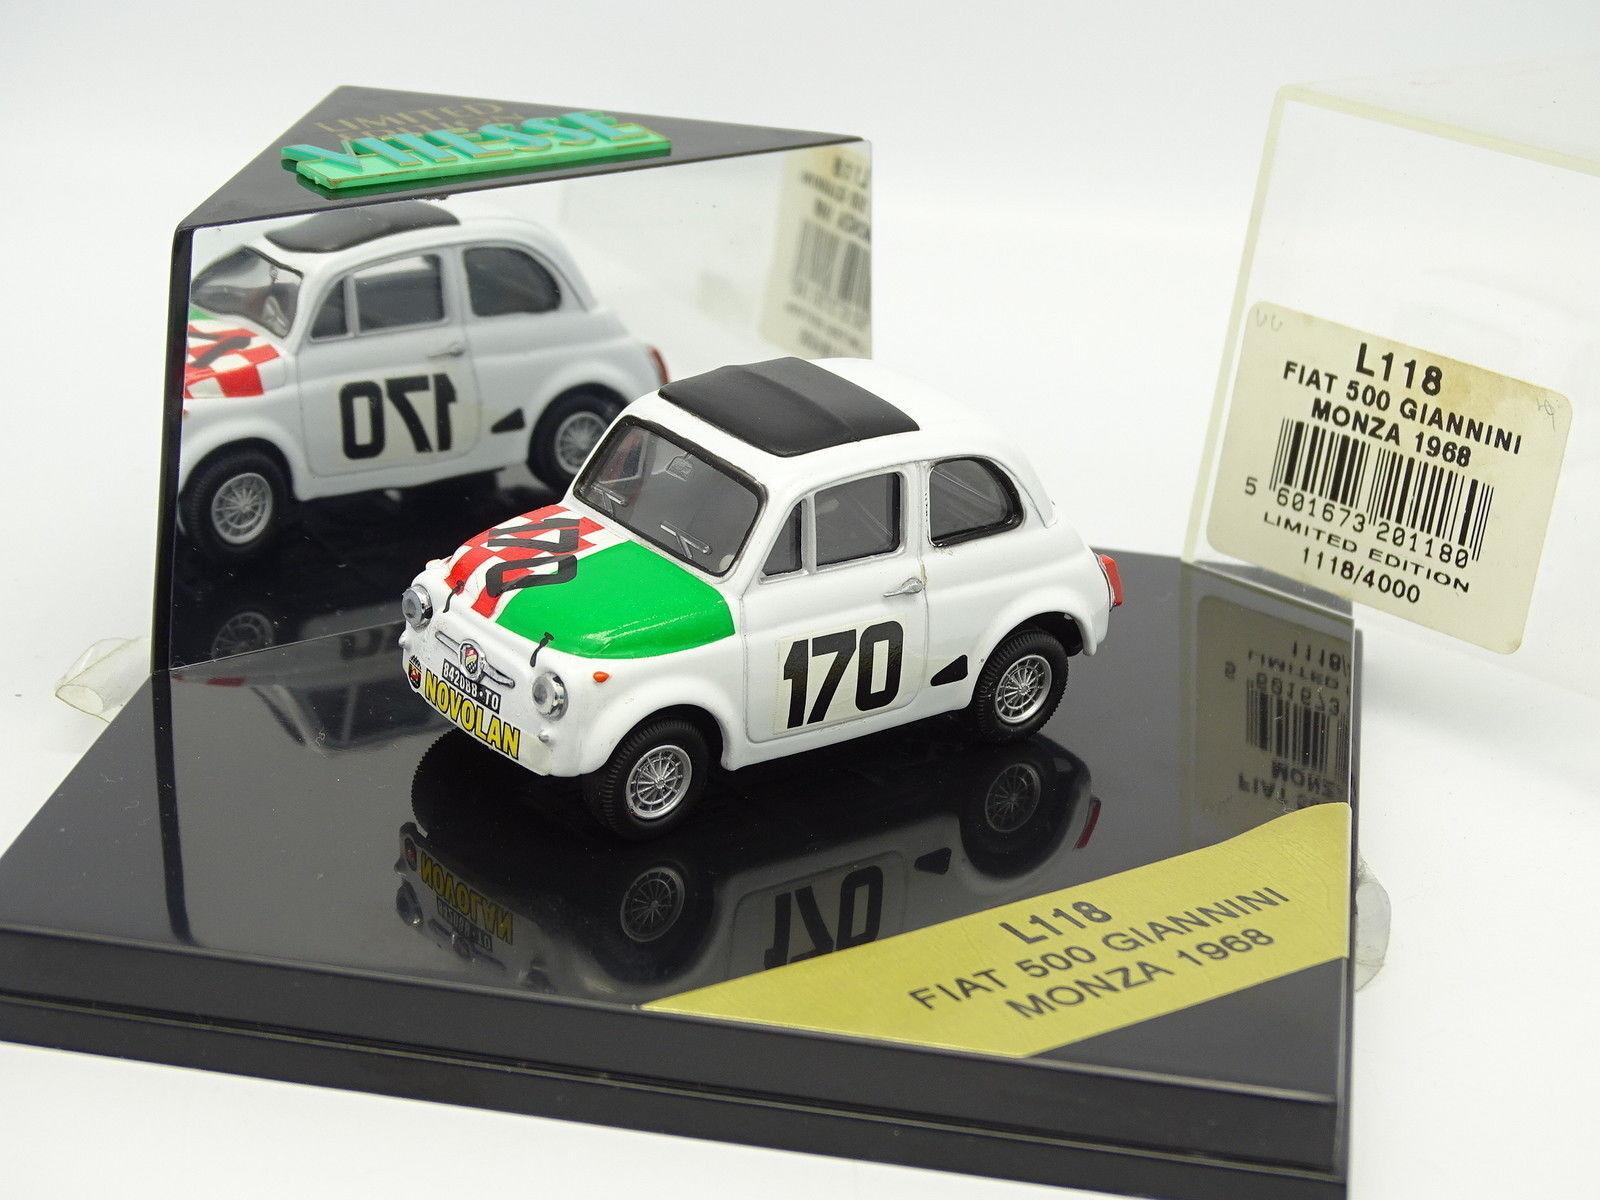 Vitesse 1 43 -  Fiat 500 Giannini Monza 1968